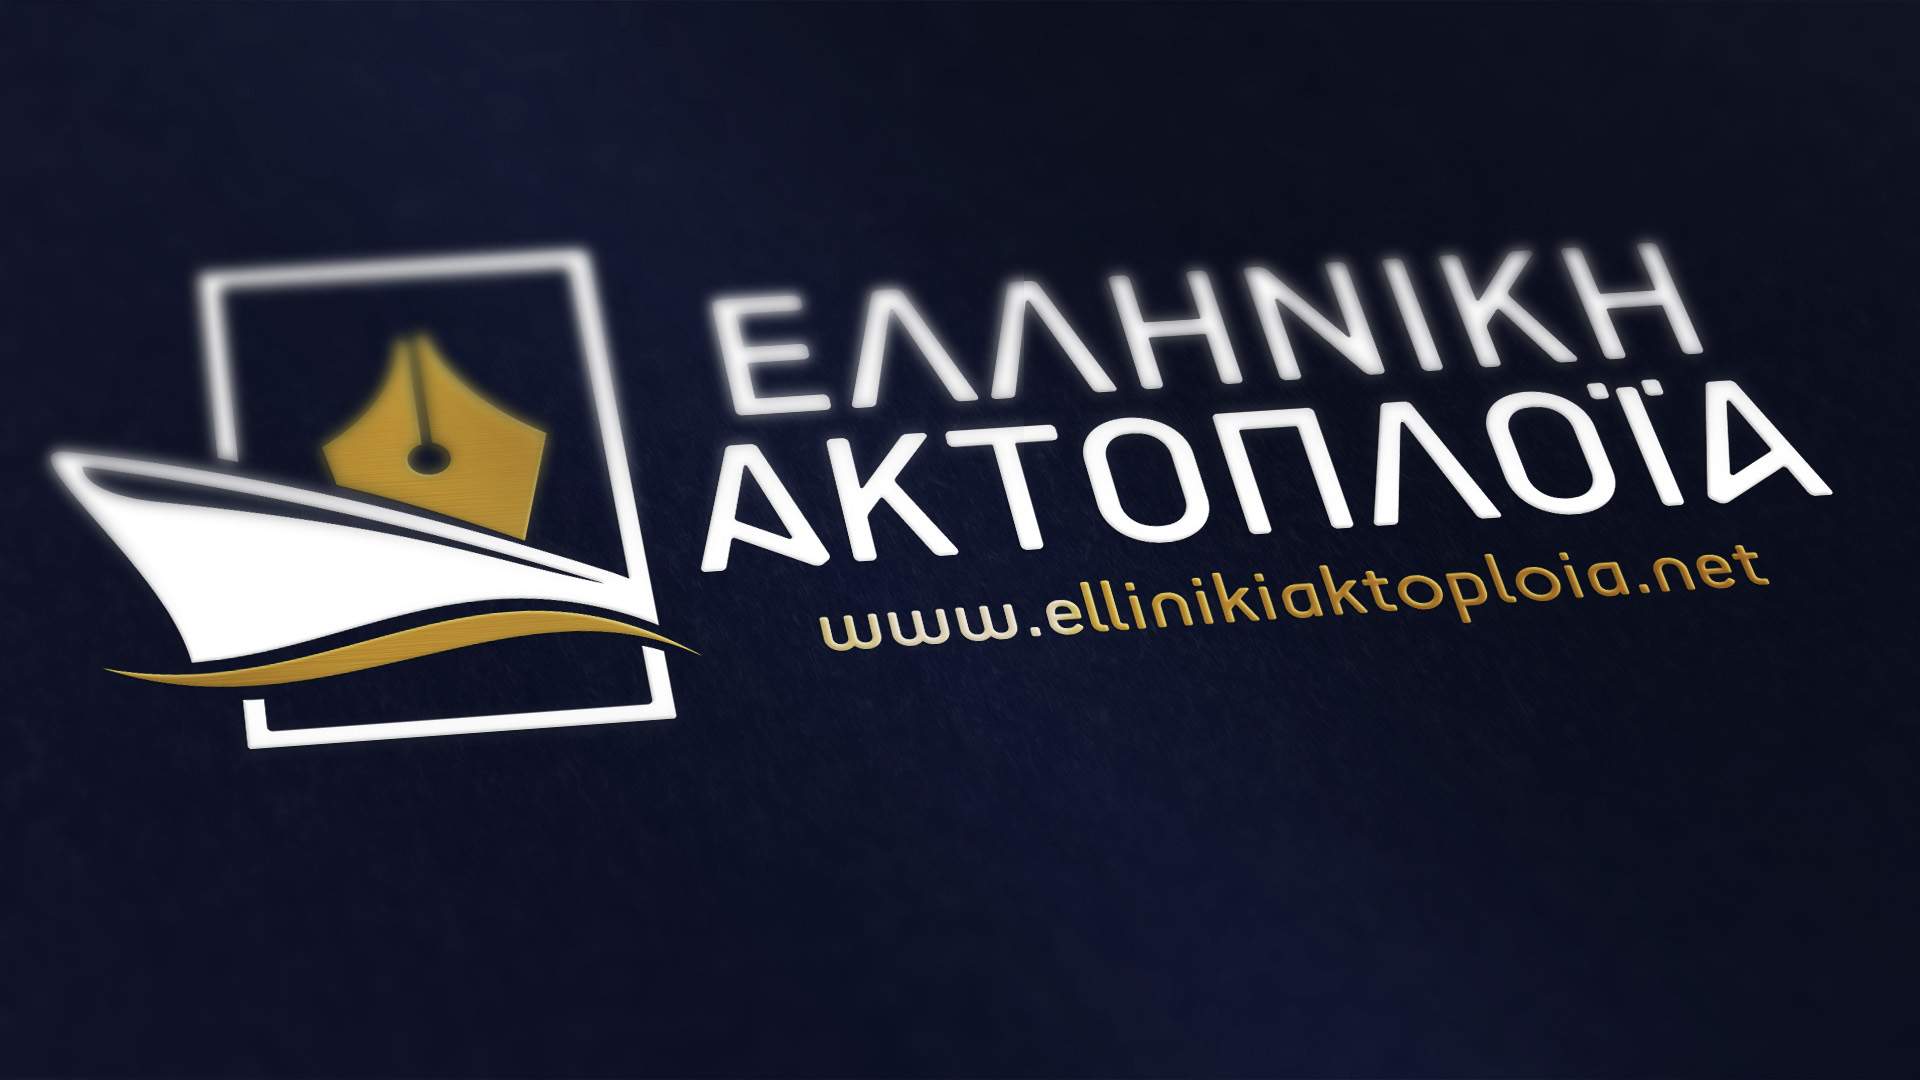 elliniki-aktoploia-blue